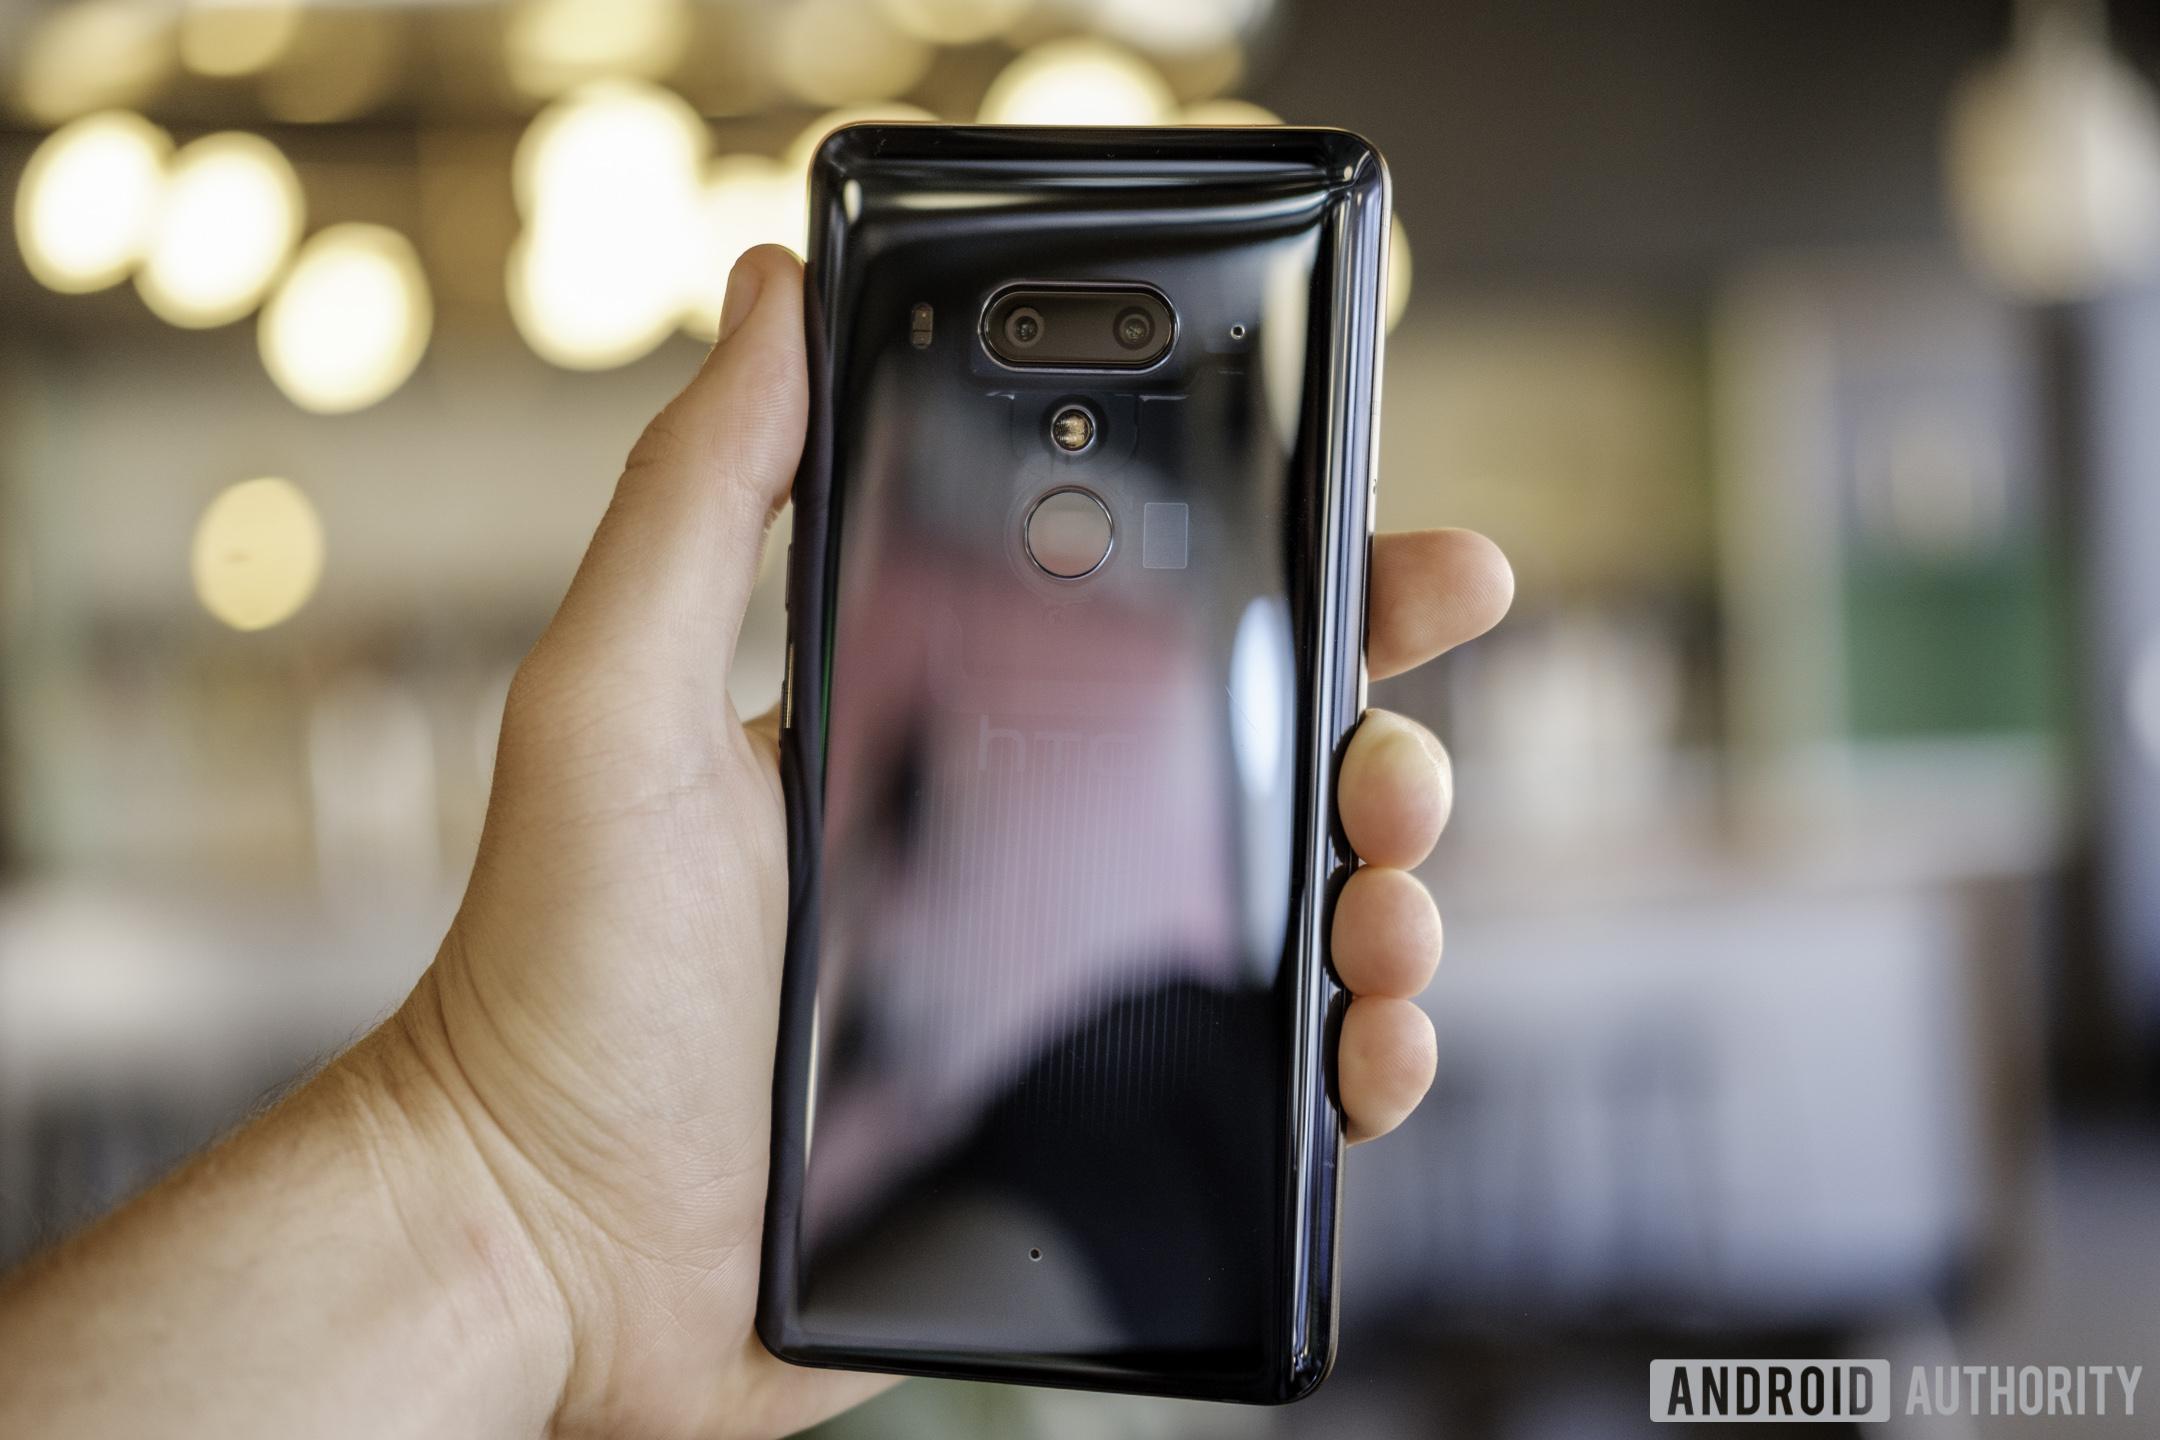 The HTC U12 Plus